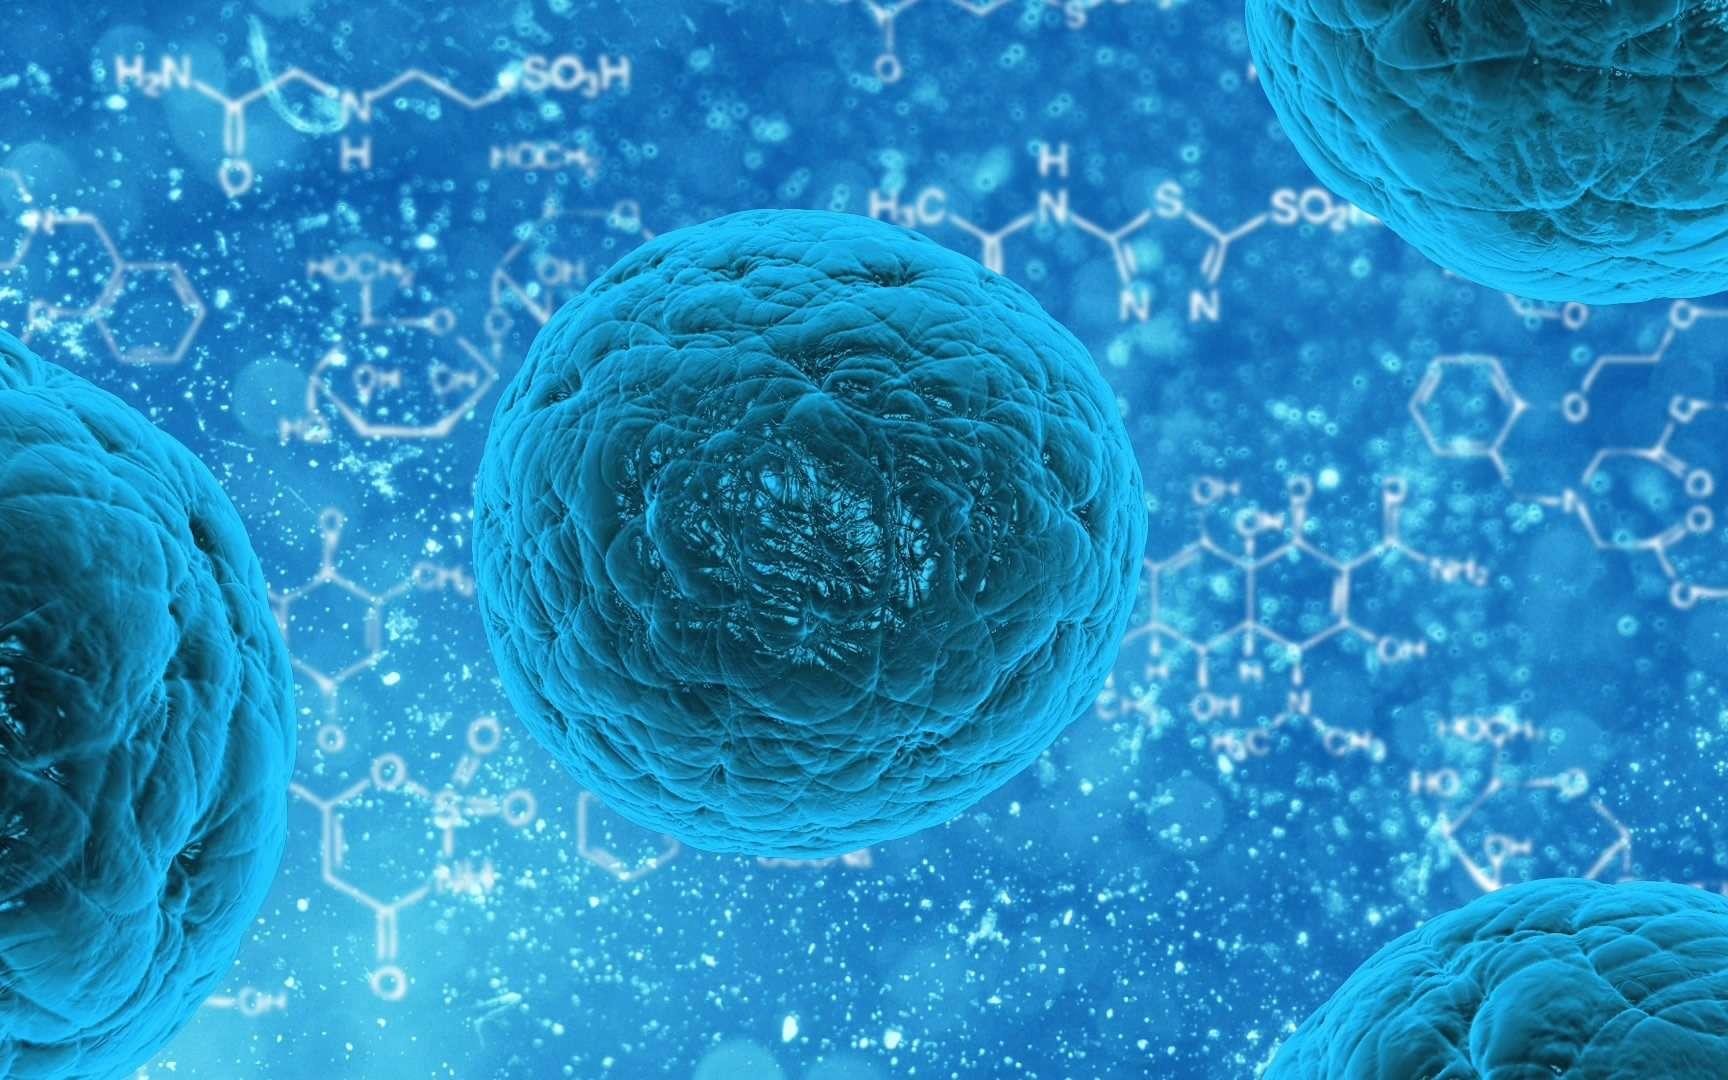 Des chercheurs ont mis au point une cellule artificielle composée d'organites fonctionnels et capables de communiquer, comme le font les vrais. © PublicDomainPictures, Pixabay.com, DP